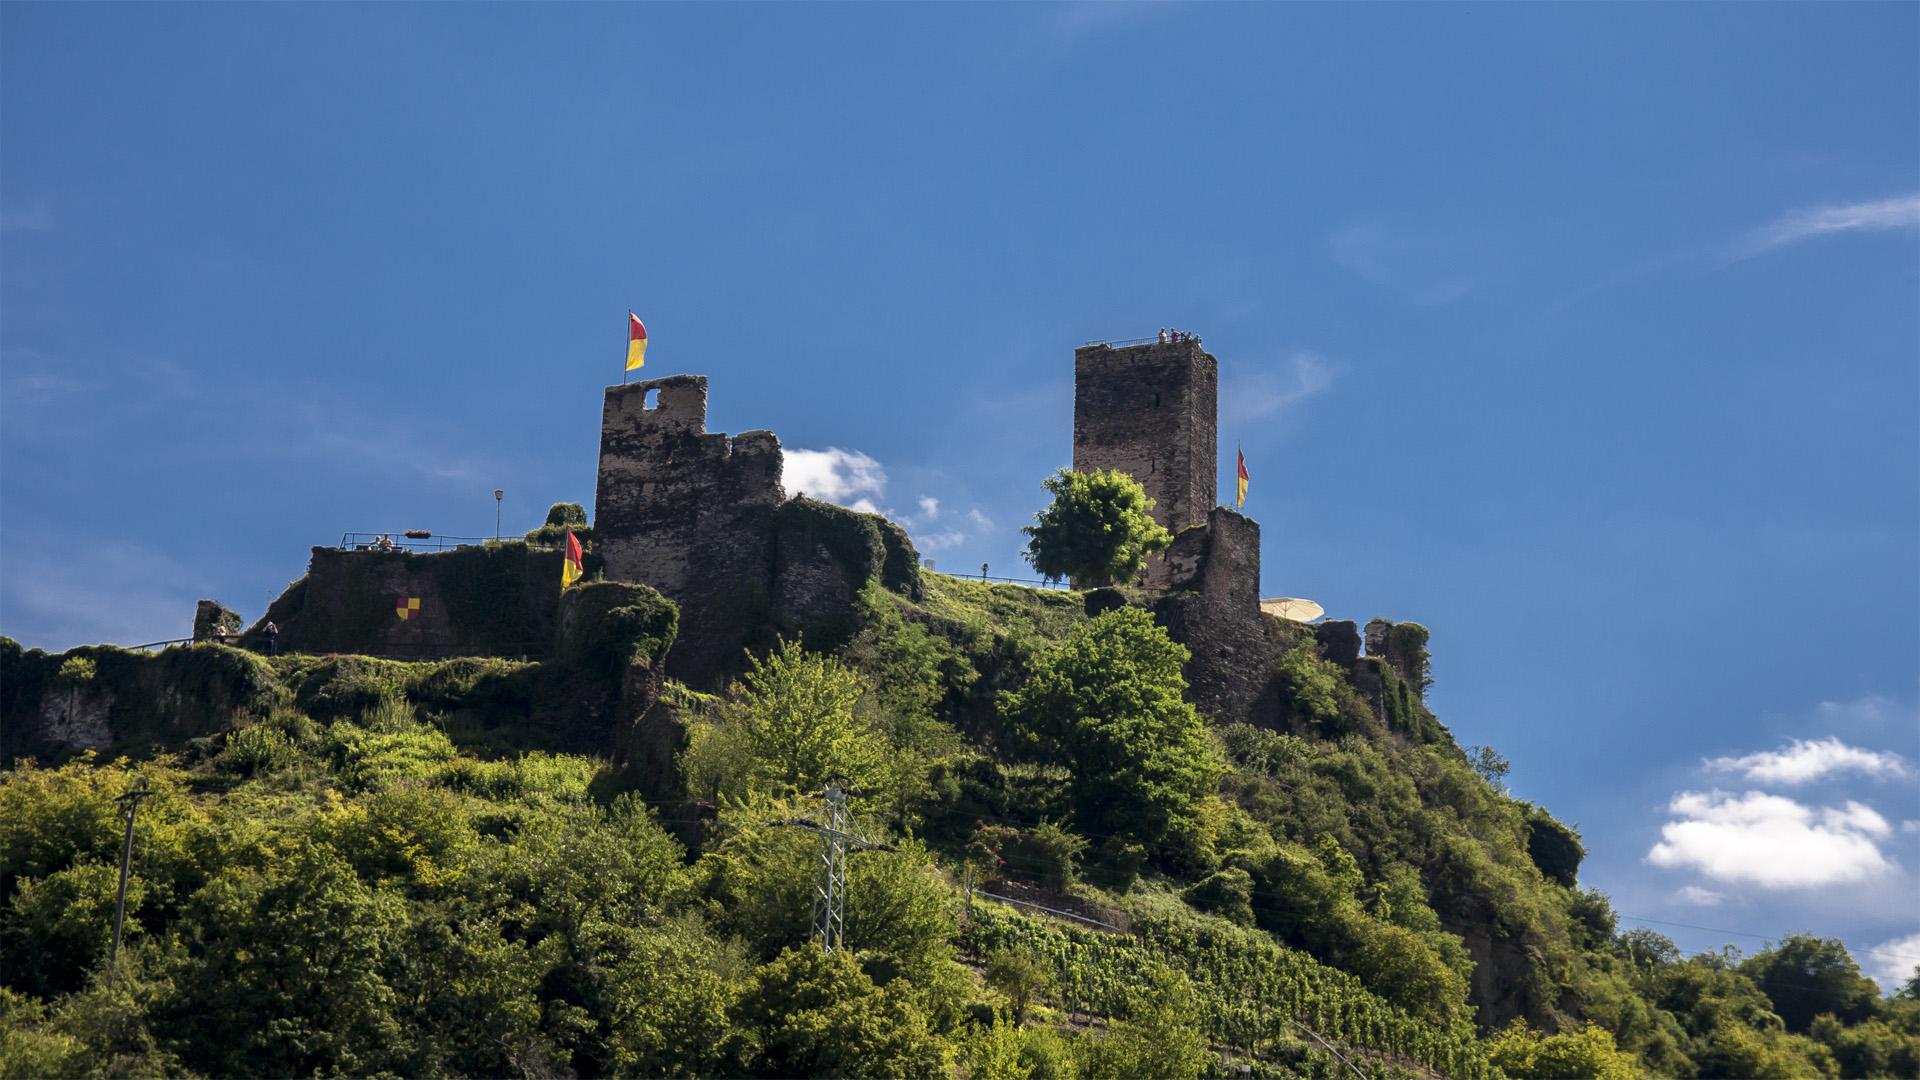 Burg Metternich Beilstein/Mosel Foto & Bild | reise, mosel